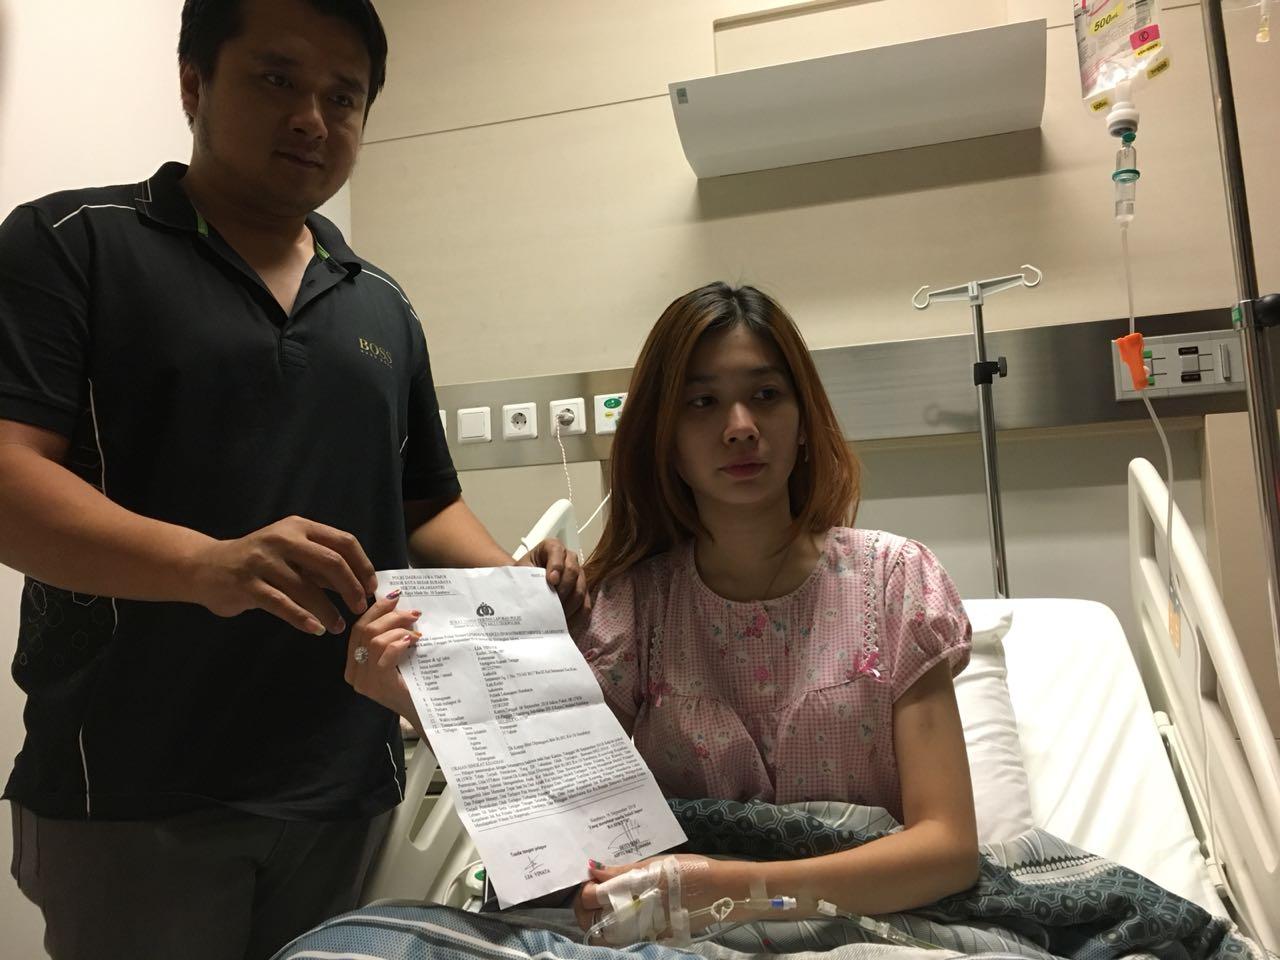 Diduga Jadi Korban Penganiayaan, Perempuan Ini Terbaring Dua Hari di RS